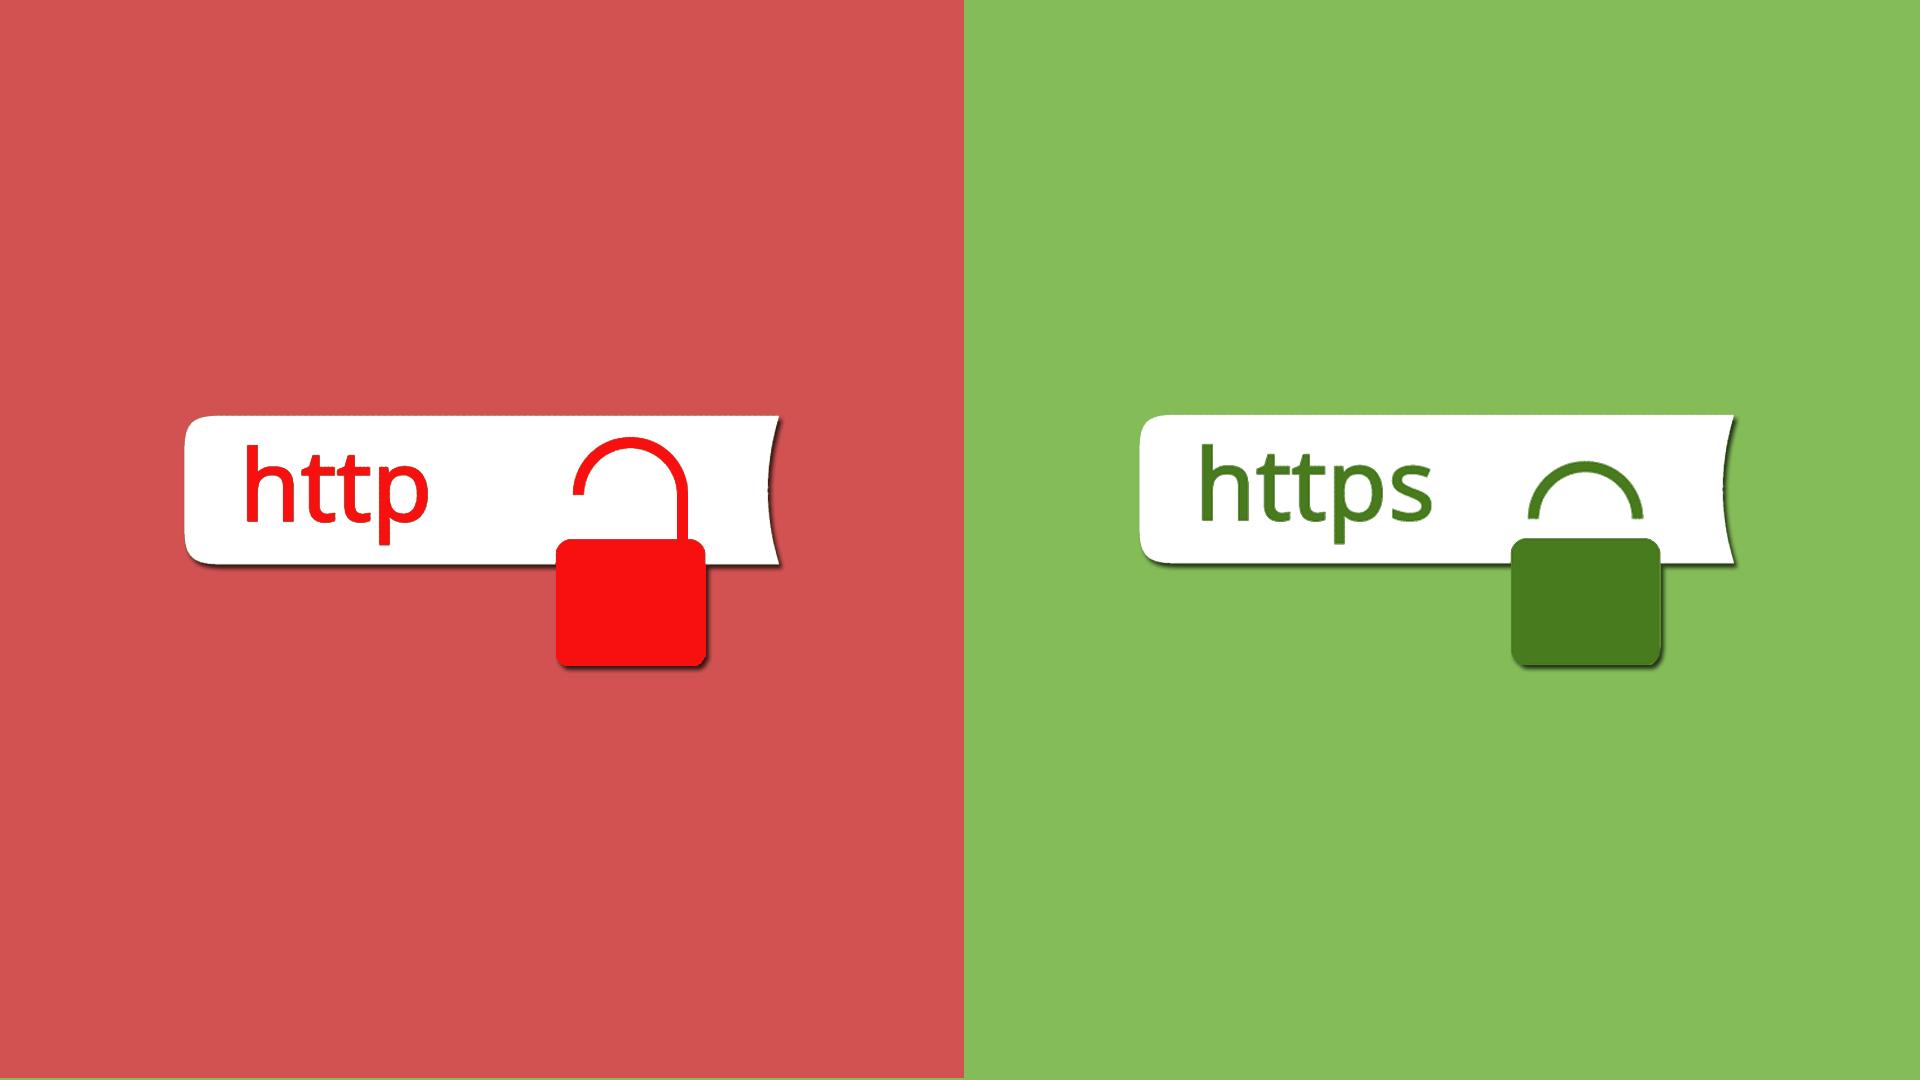 مفهوم و کاربردهای http و https